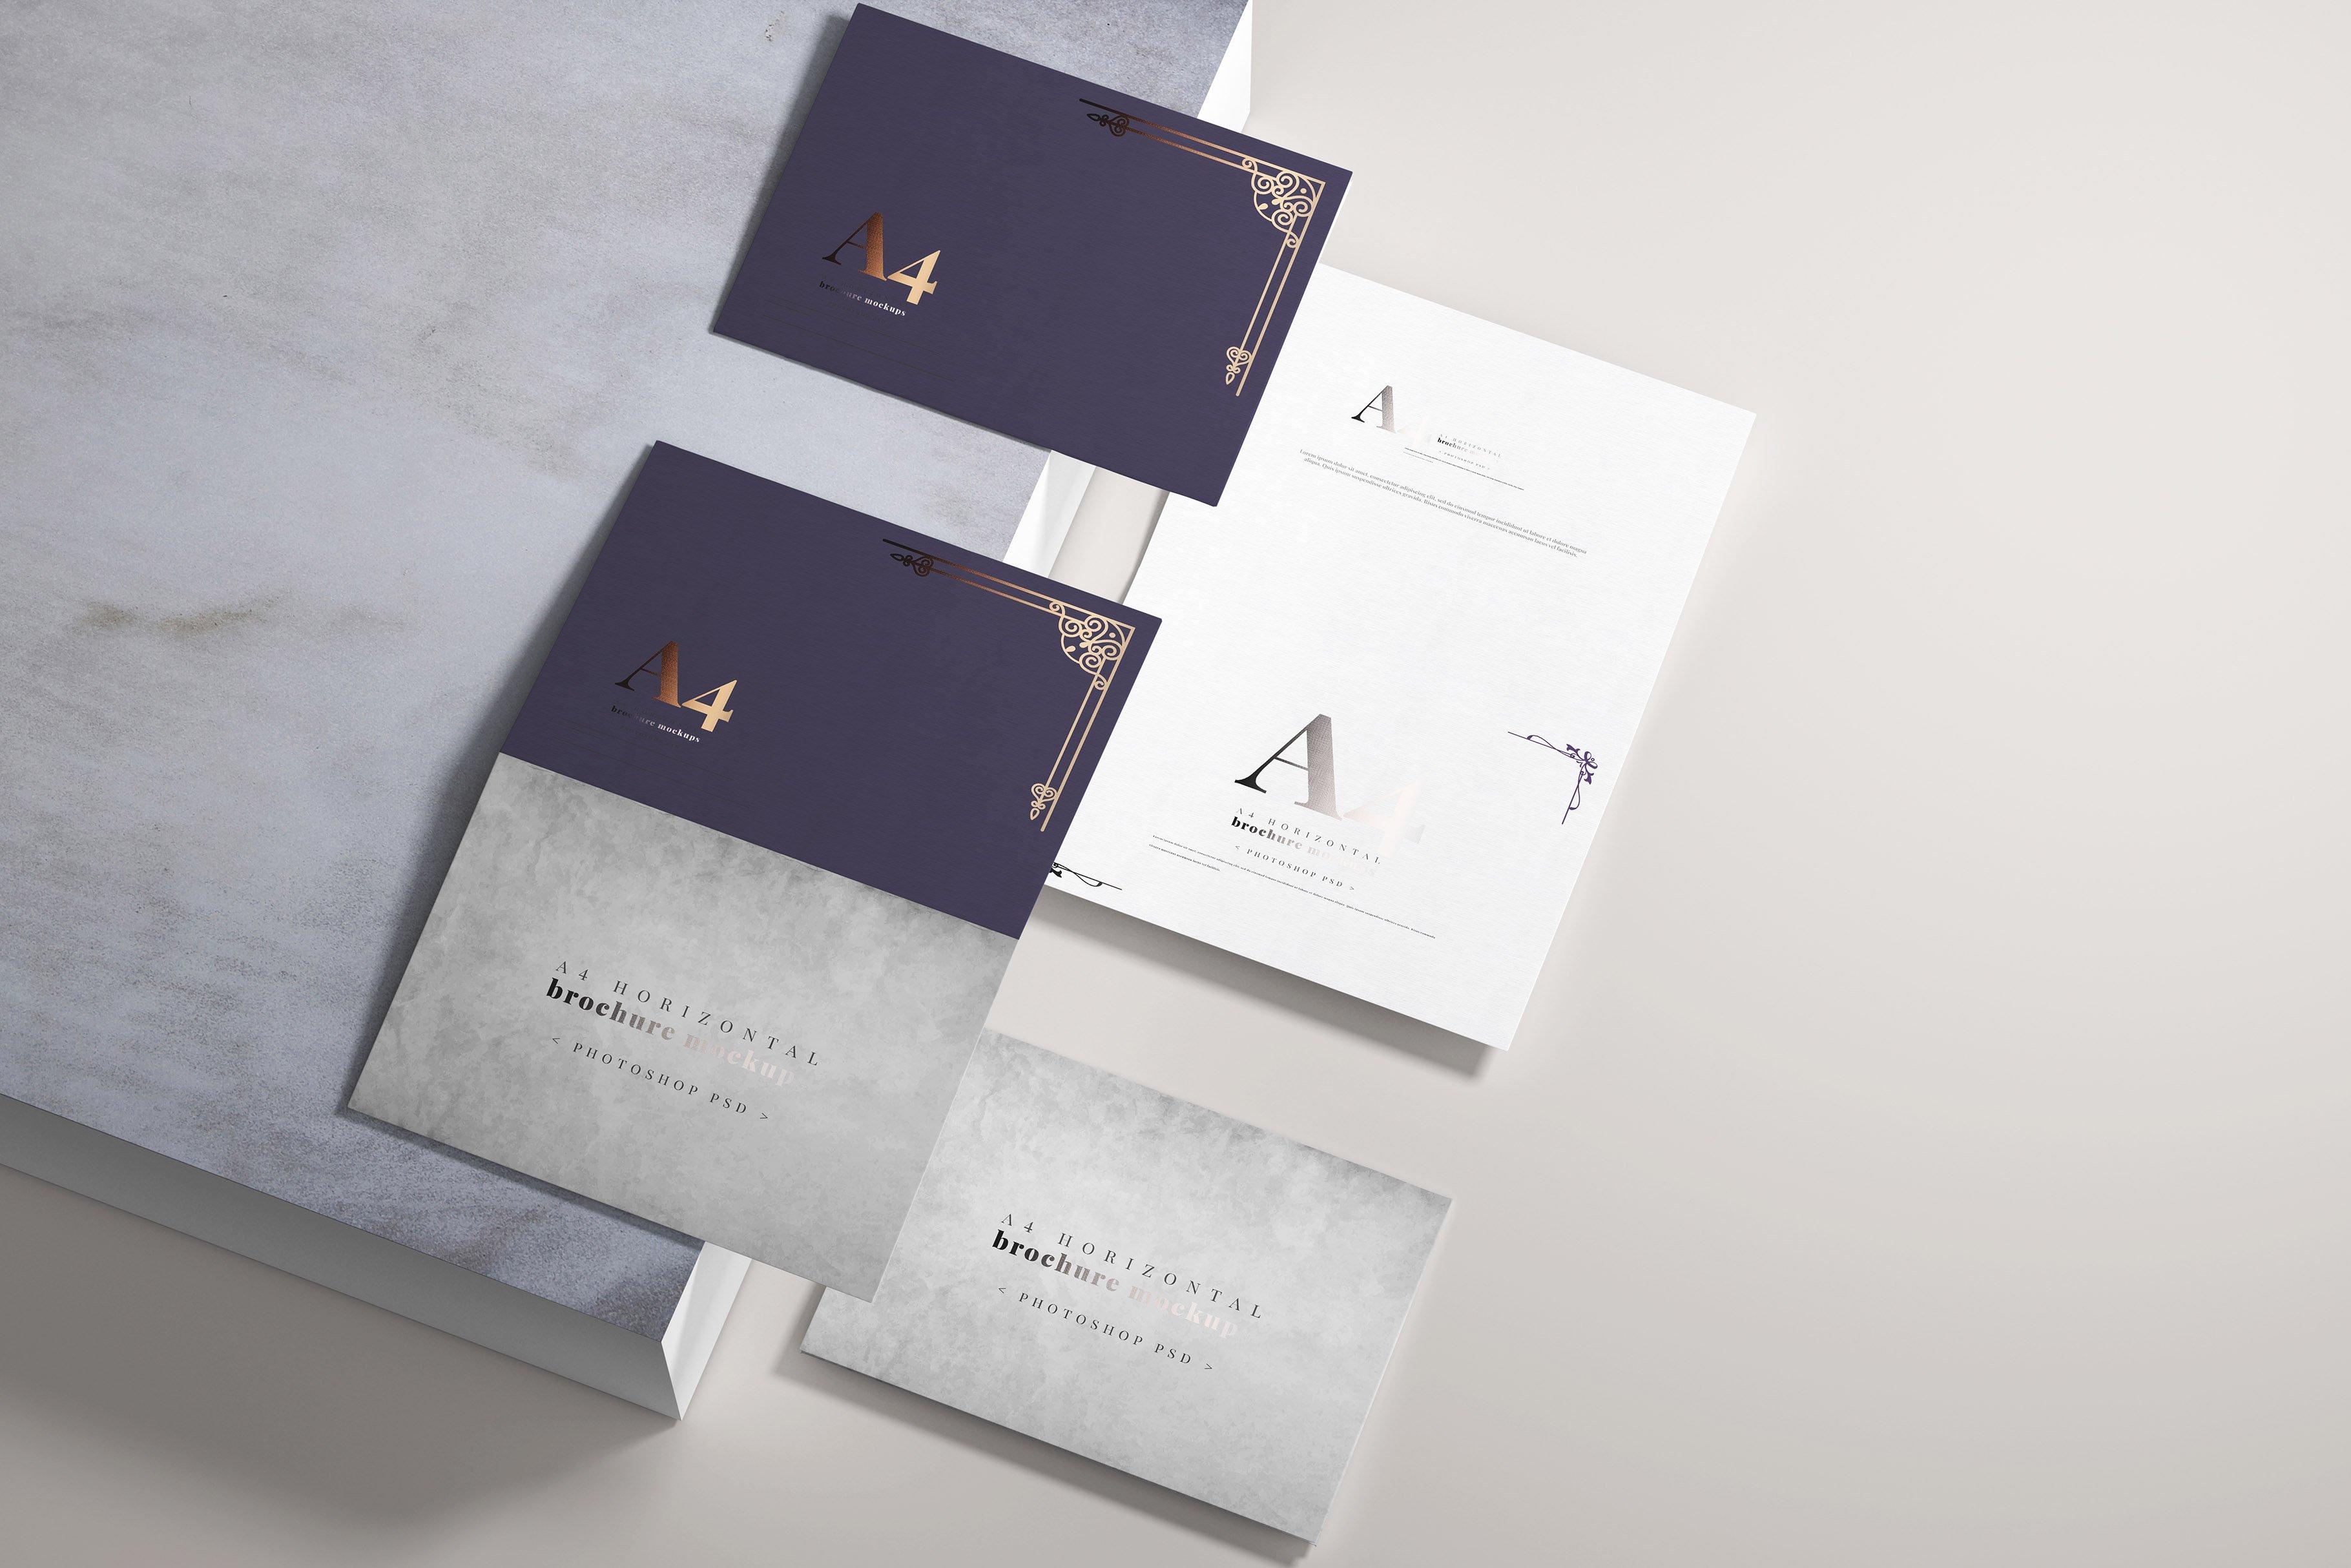 8款烫印效果A4横向两折页小册子设计展示贴图PSD样机模板 A4 Bi-Fold Horizontal Mockups插图(1)